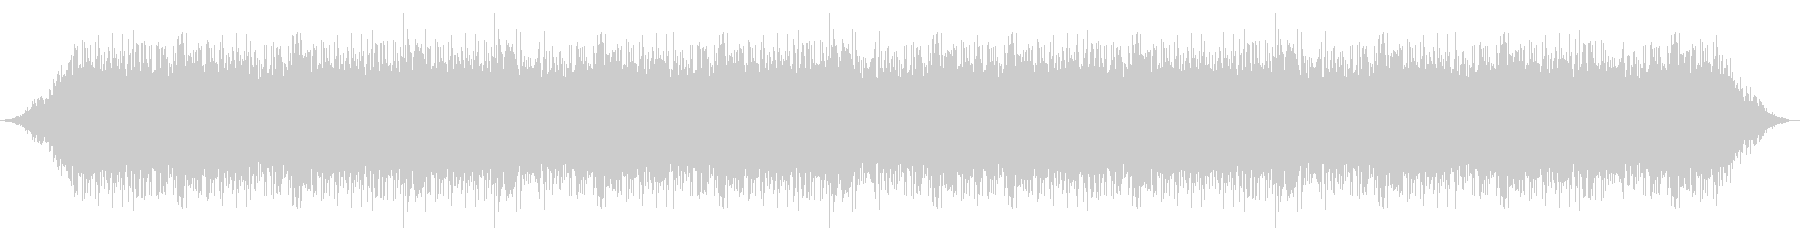 PC 駆動音01-06(ロング)の未再生の波形